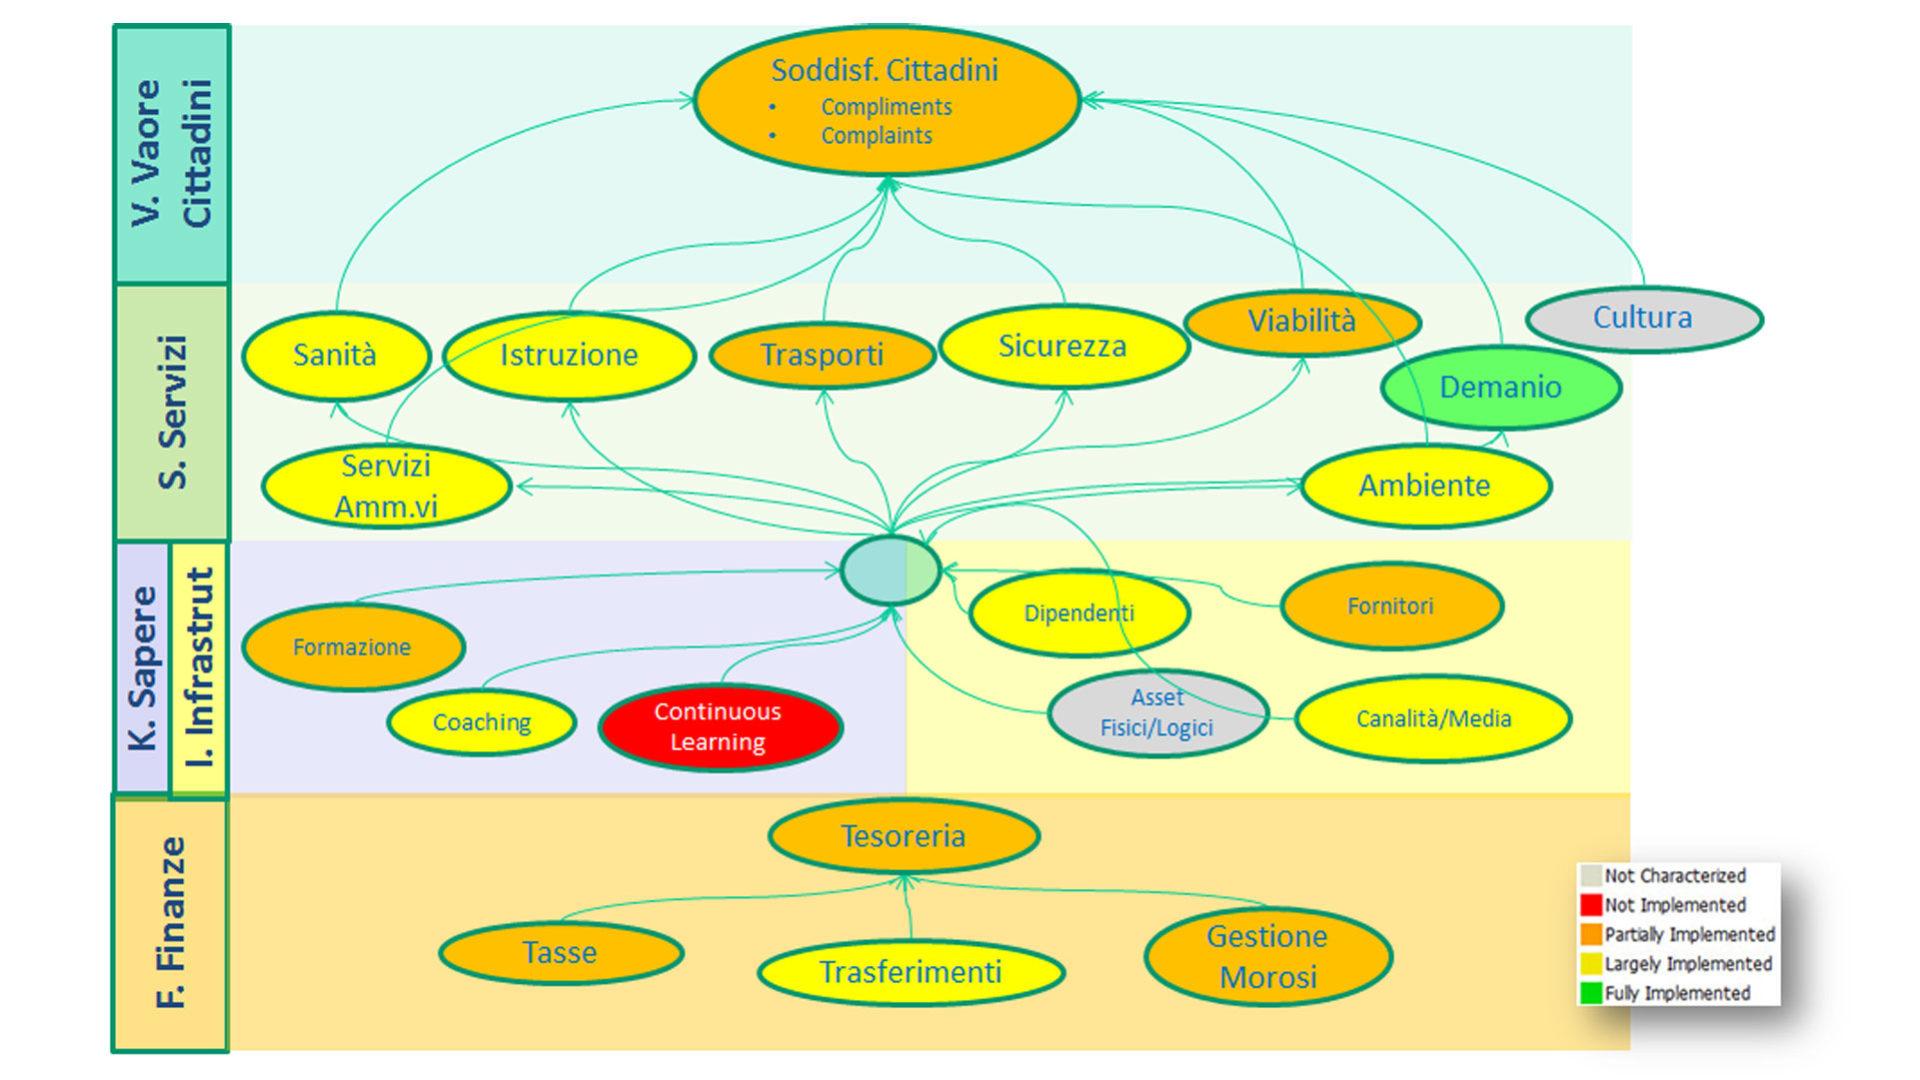 grafico che mostra un esempio di BSC dinamica per il settore pubblico